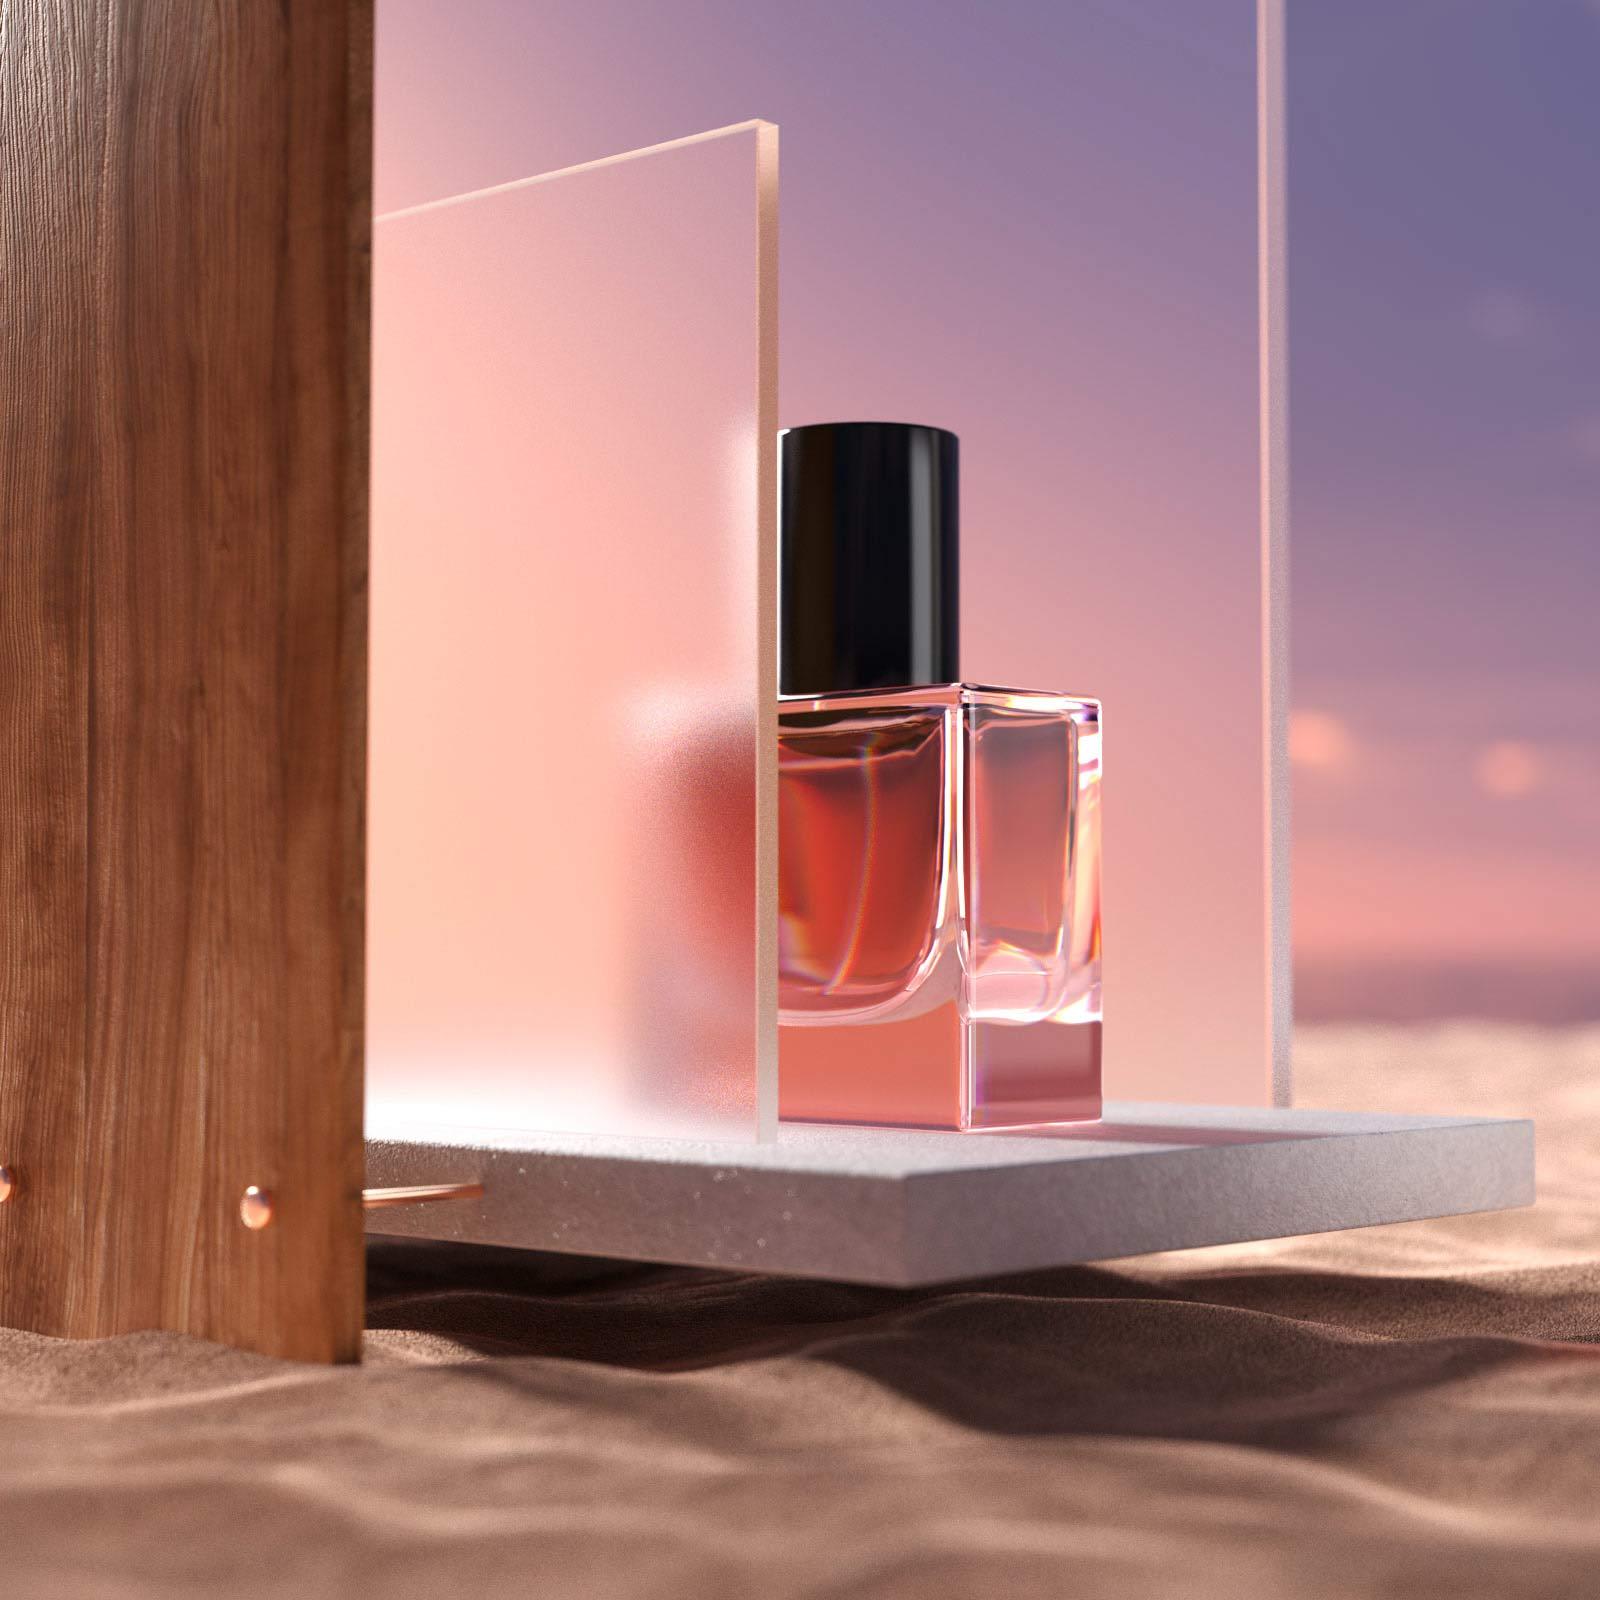 la_perfume